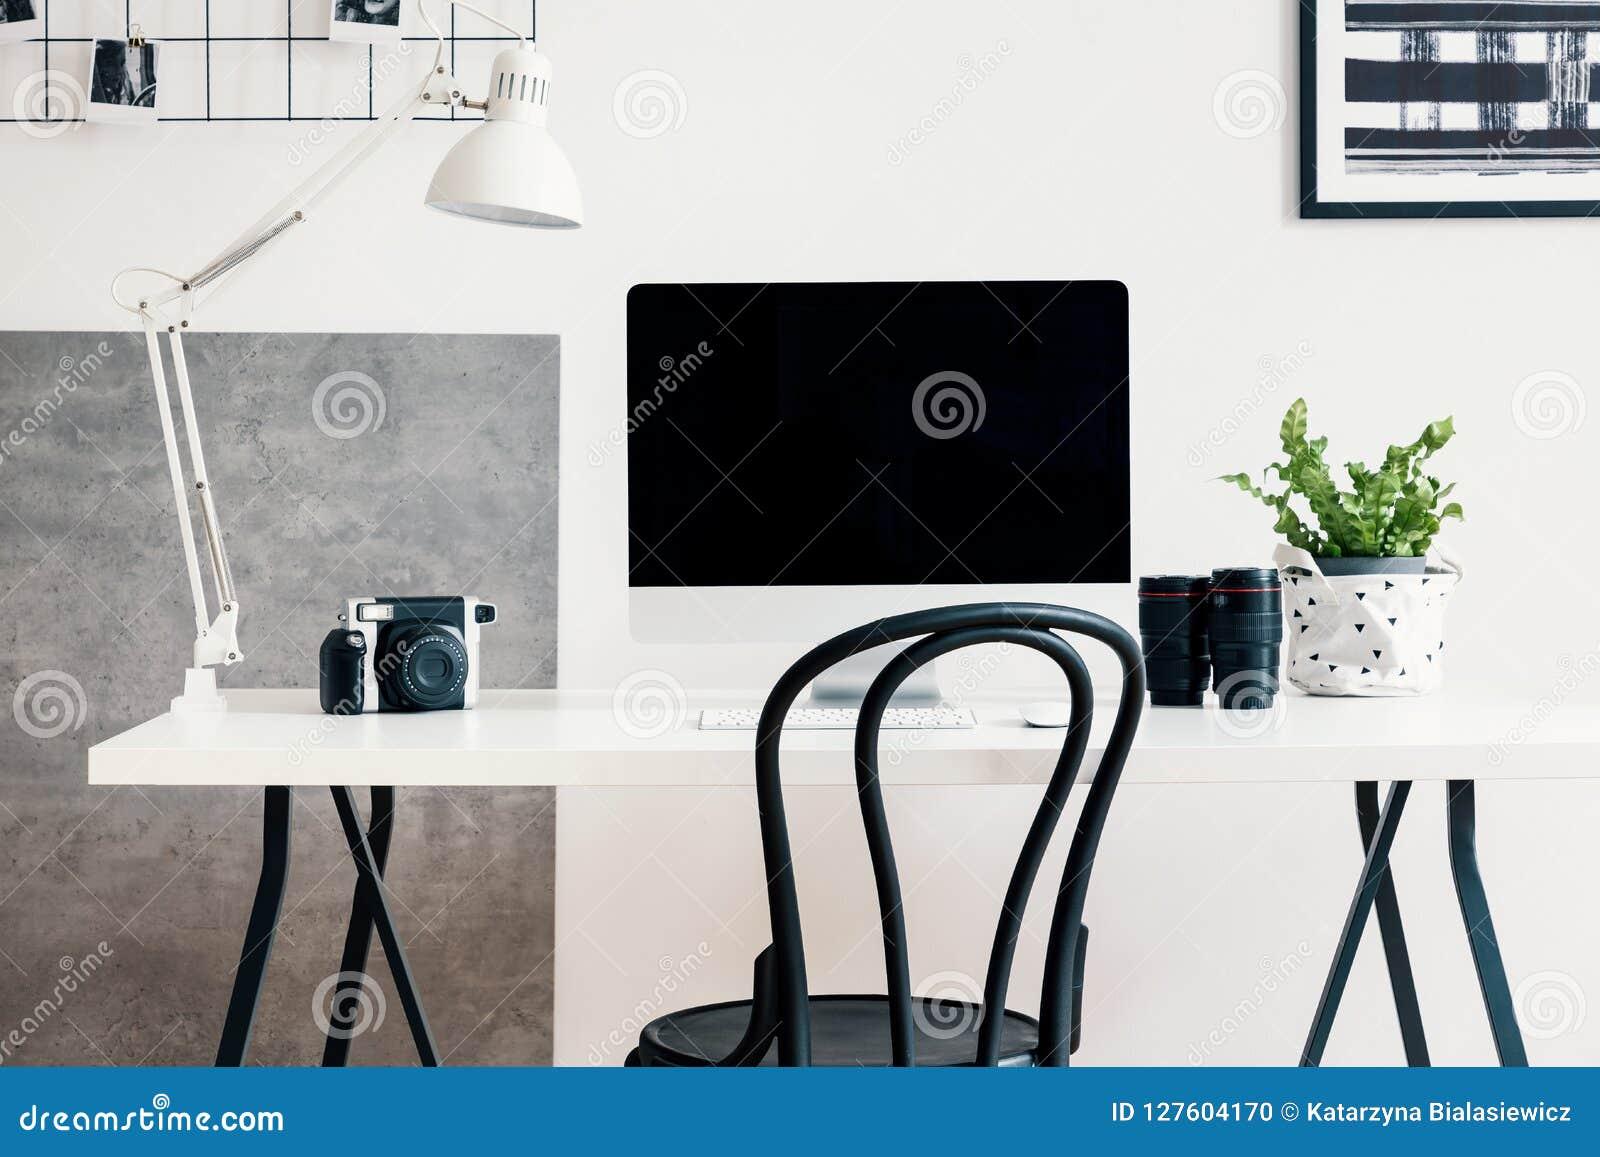 Черный стул белым столом с компьютером и лампой в современном интерьере домашнего офиса для профессионального фрилансера фотограф